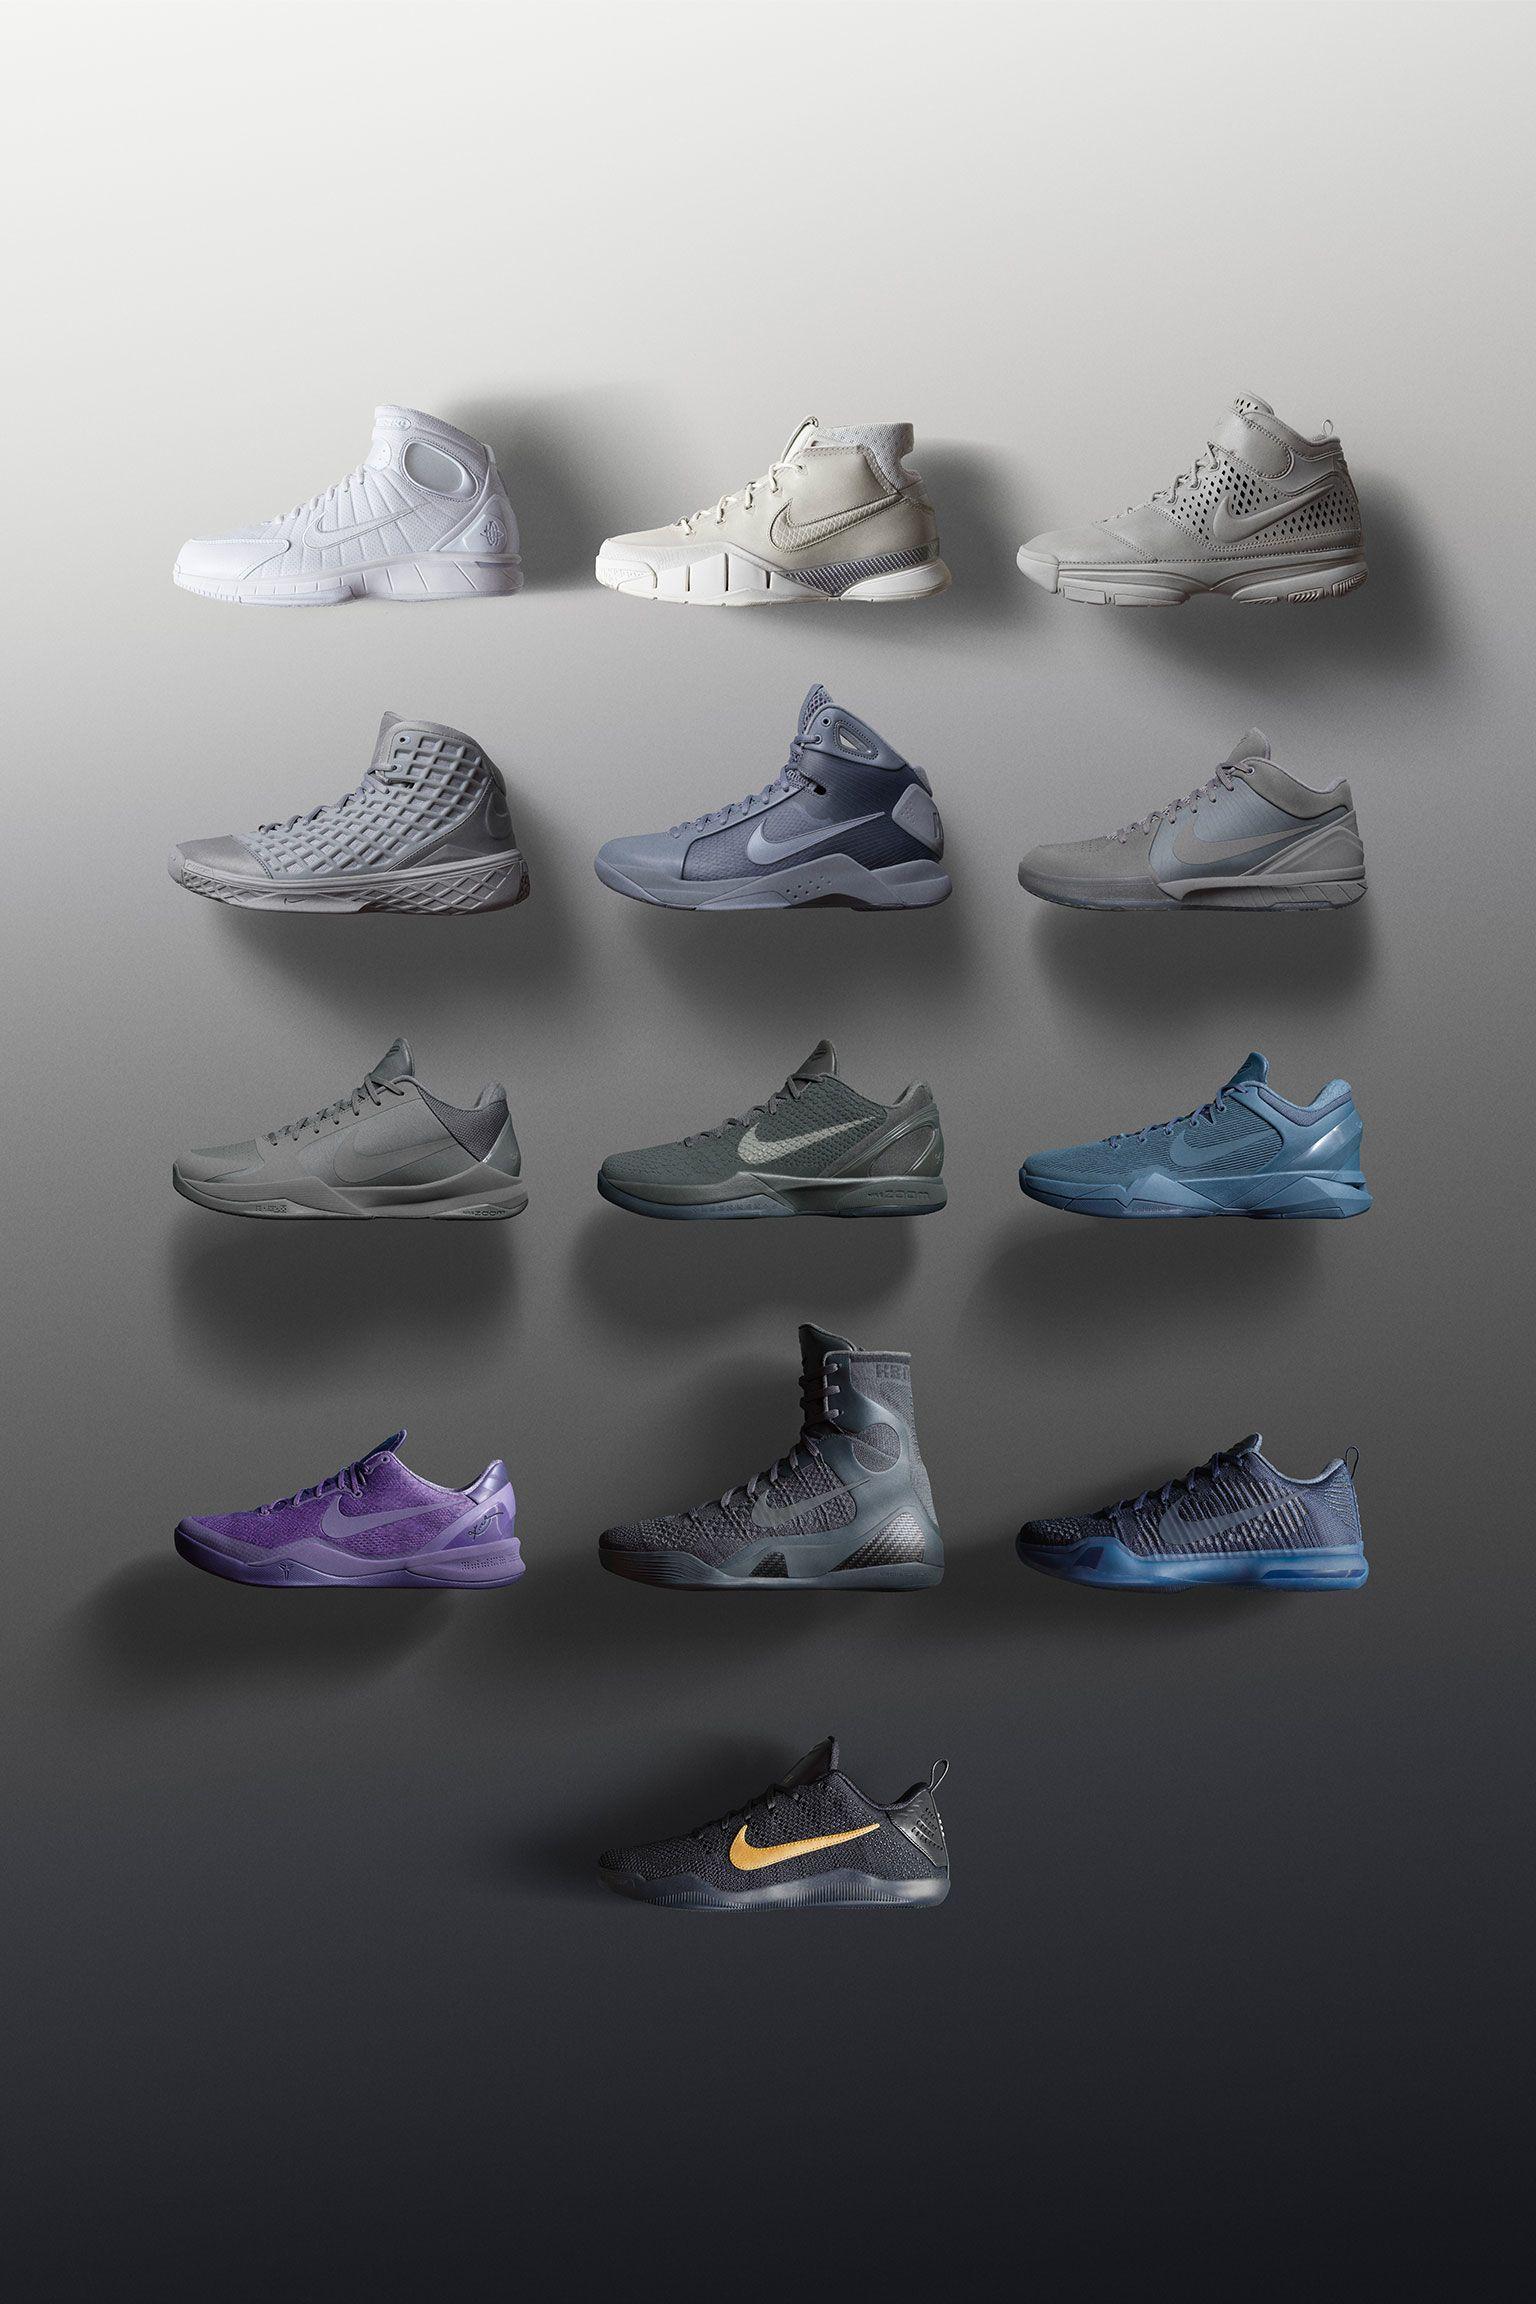 Nike Kobe 'Black Mamba' Pack Release Date